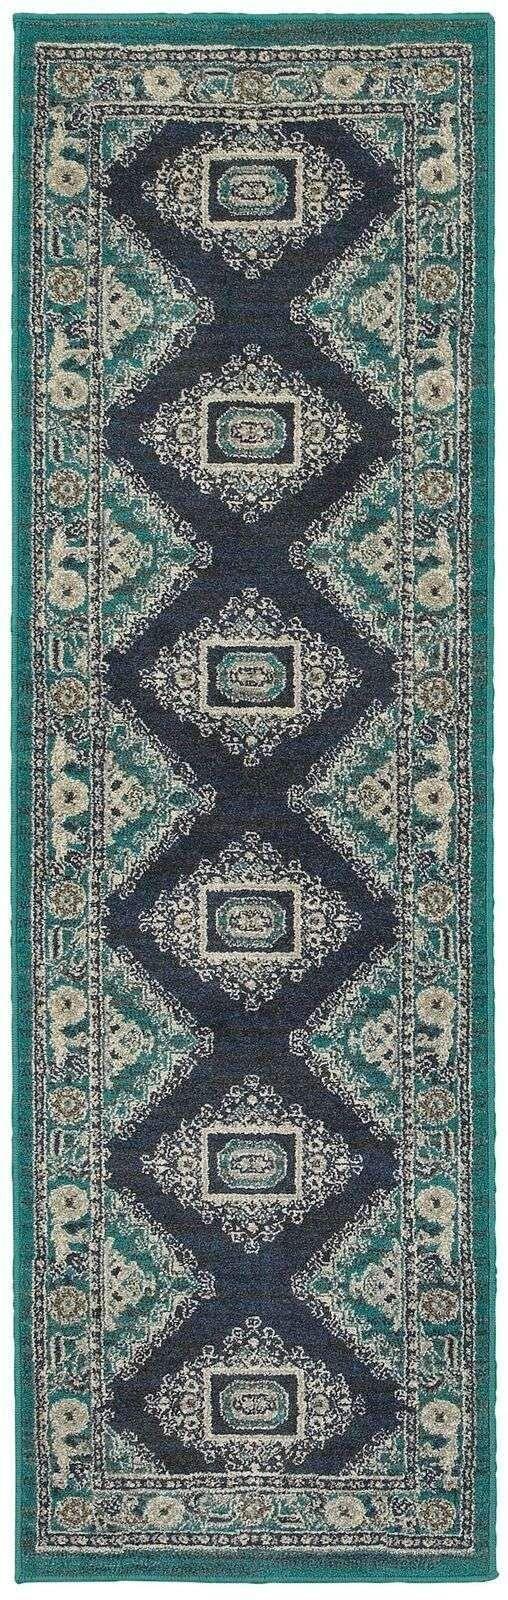 Highlands Blue Ivory Medallion Oriental Traditional Rug